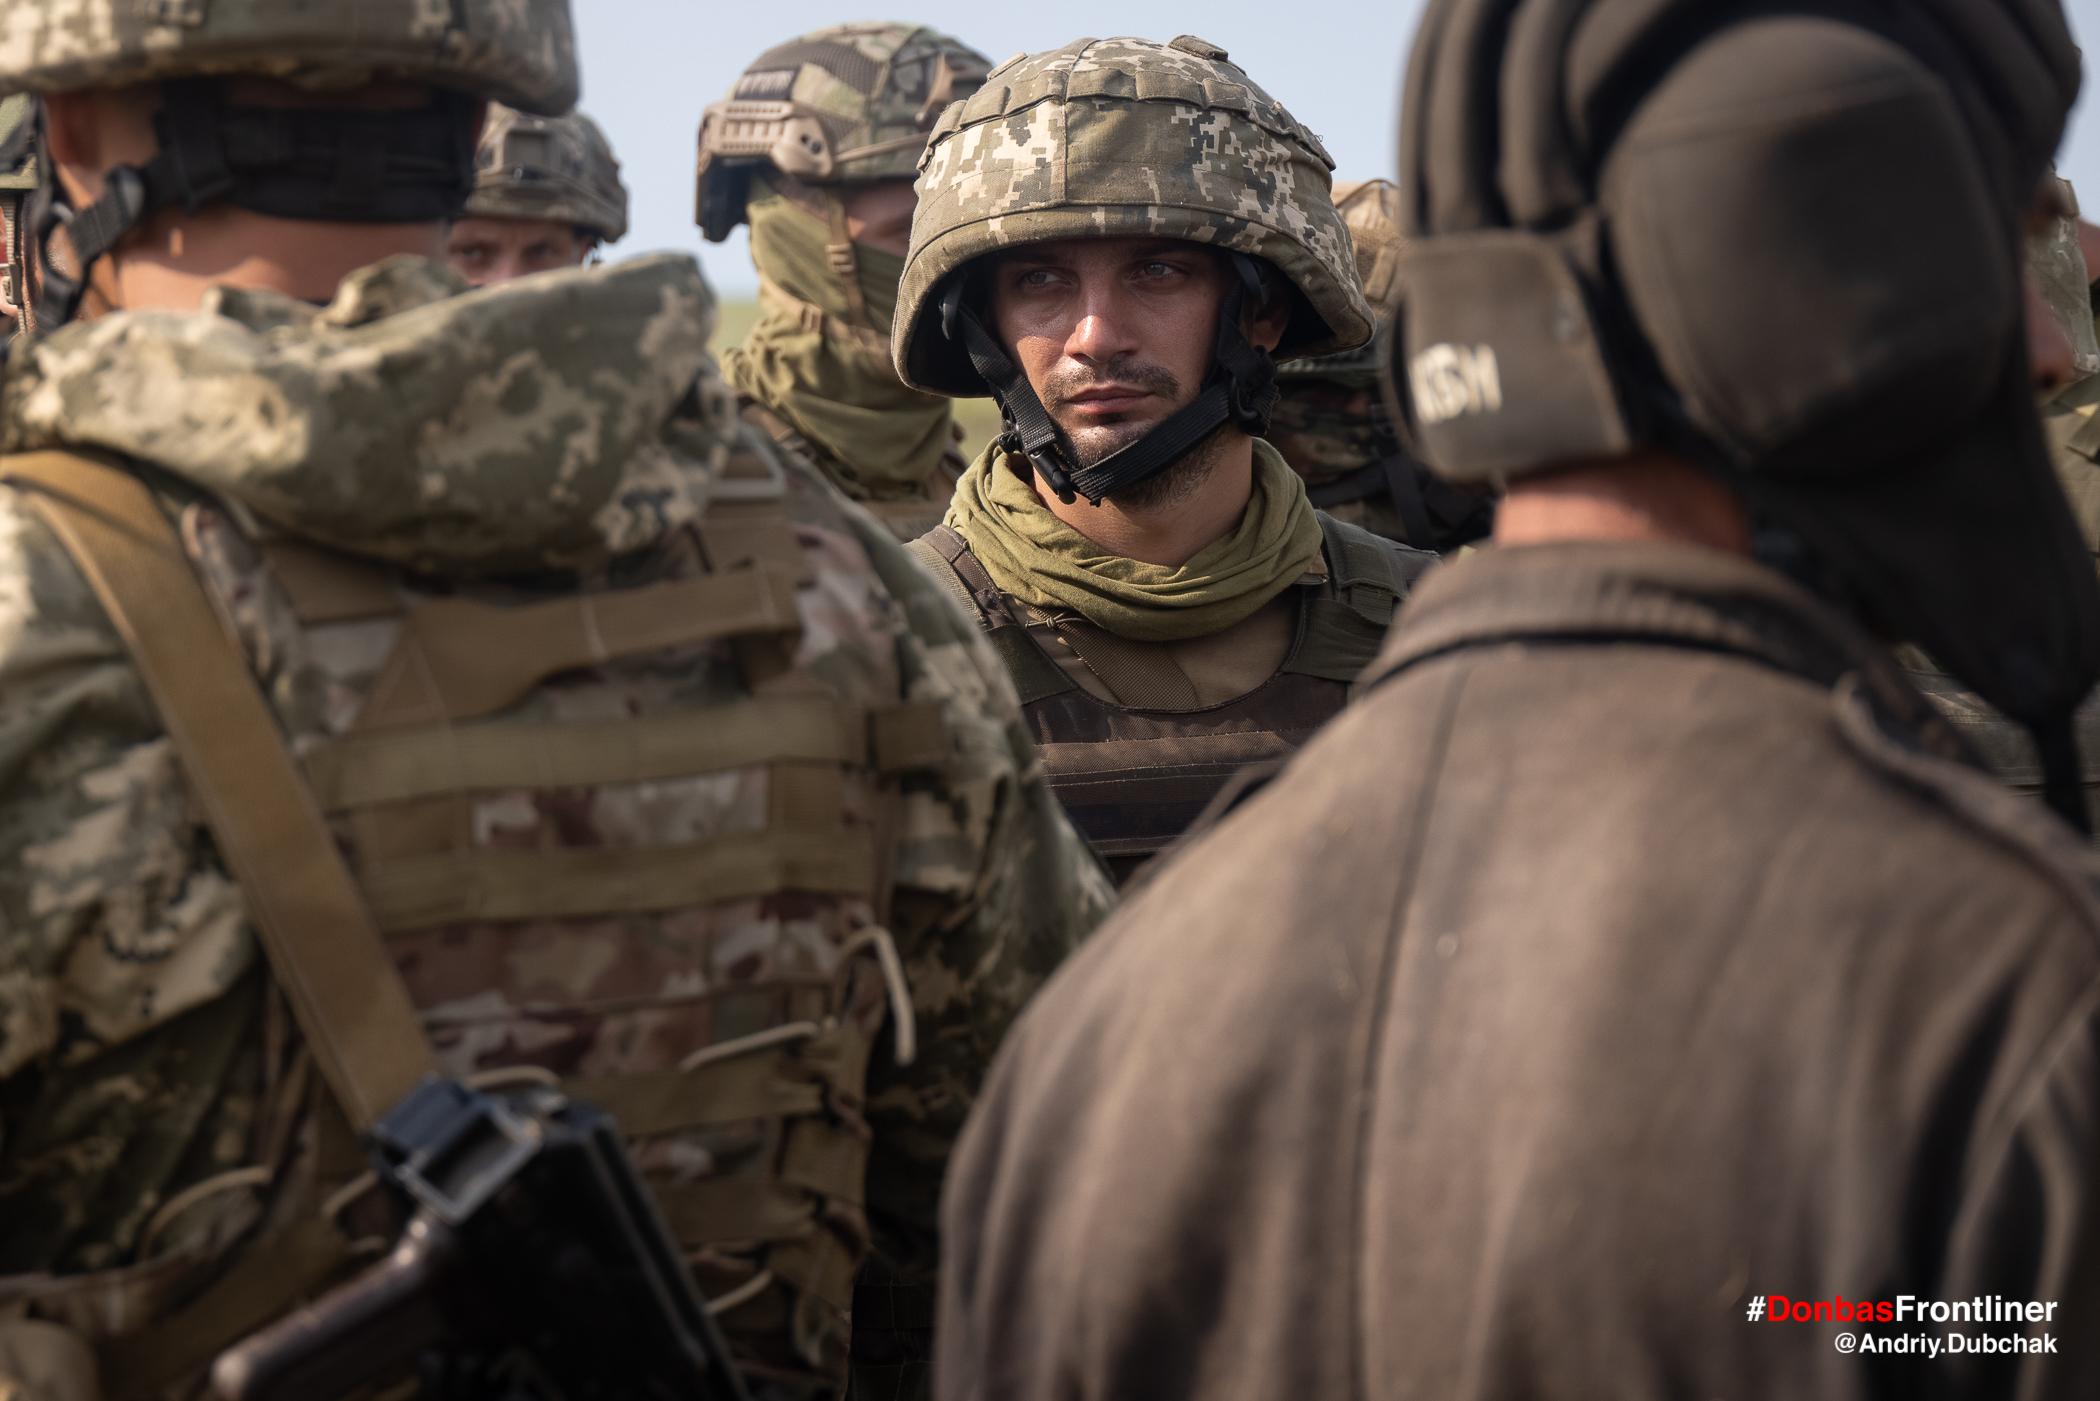 Матрос морської піхоти у шоломі та бронежилеті. Бойове тренування 503-го батальйону морської піхоти на Приазов'ї, липень 2021 року